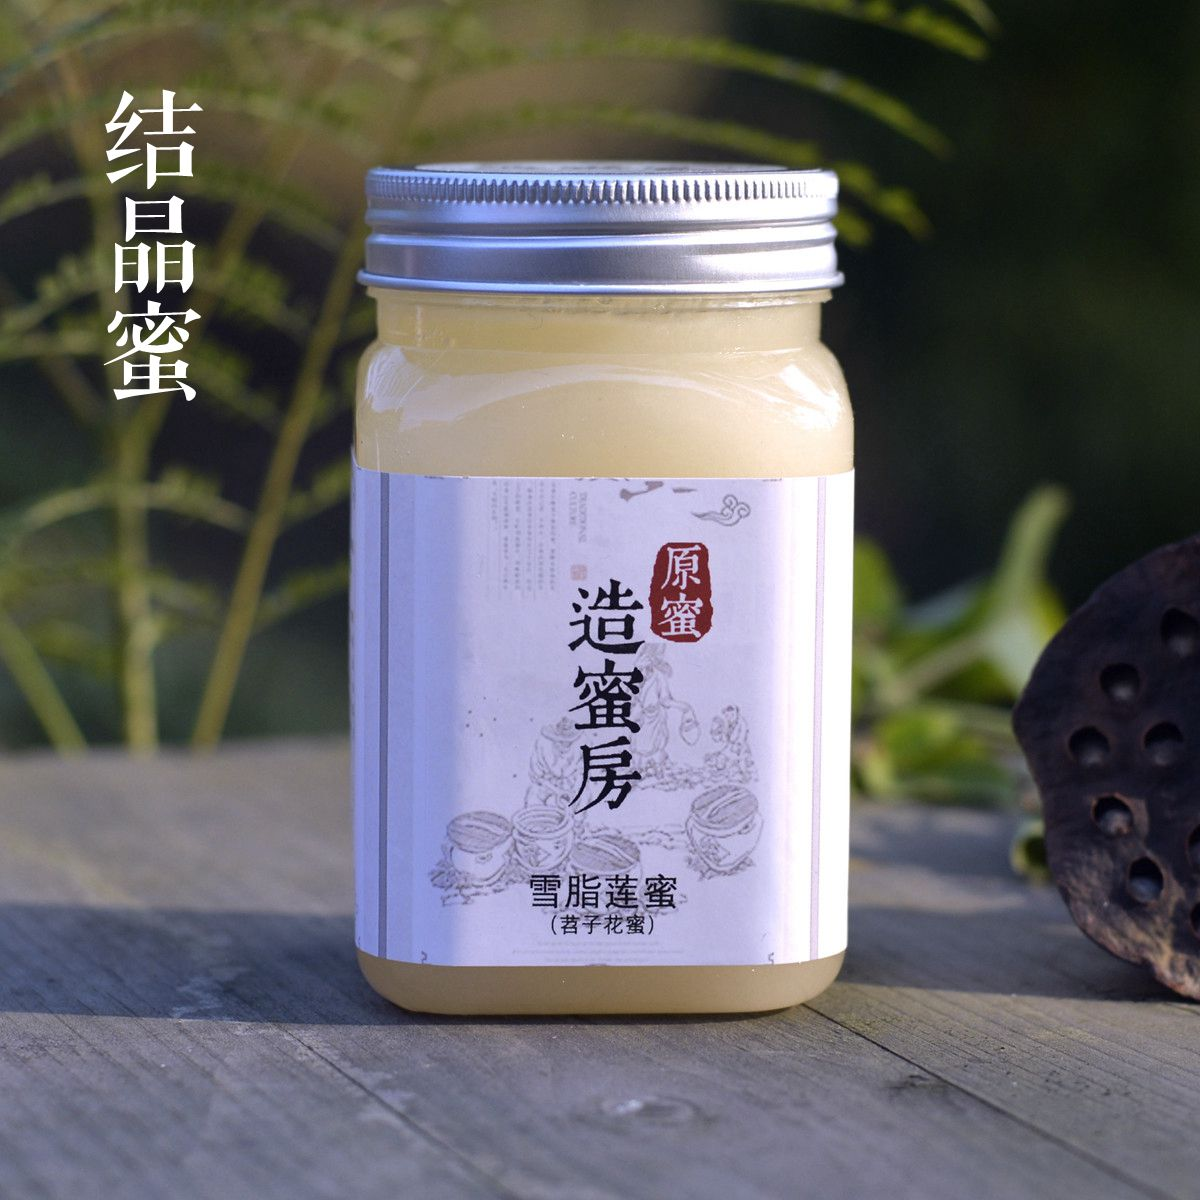 2017新蜜 造蜜房  天然农家自产雪脂莲蜂蜜云南高原土蜂蜜